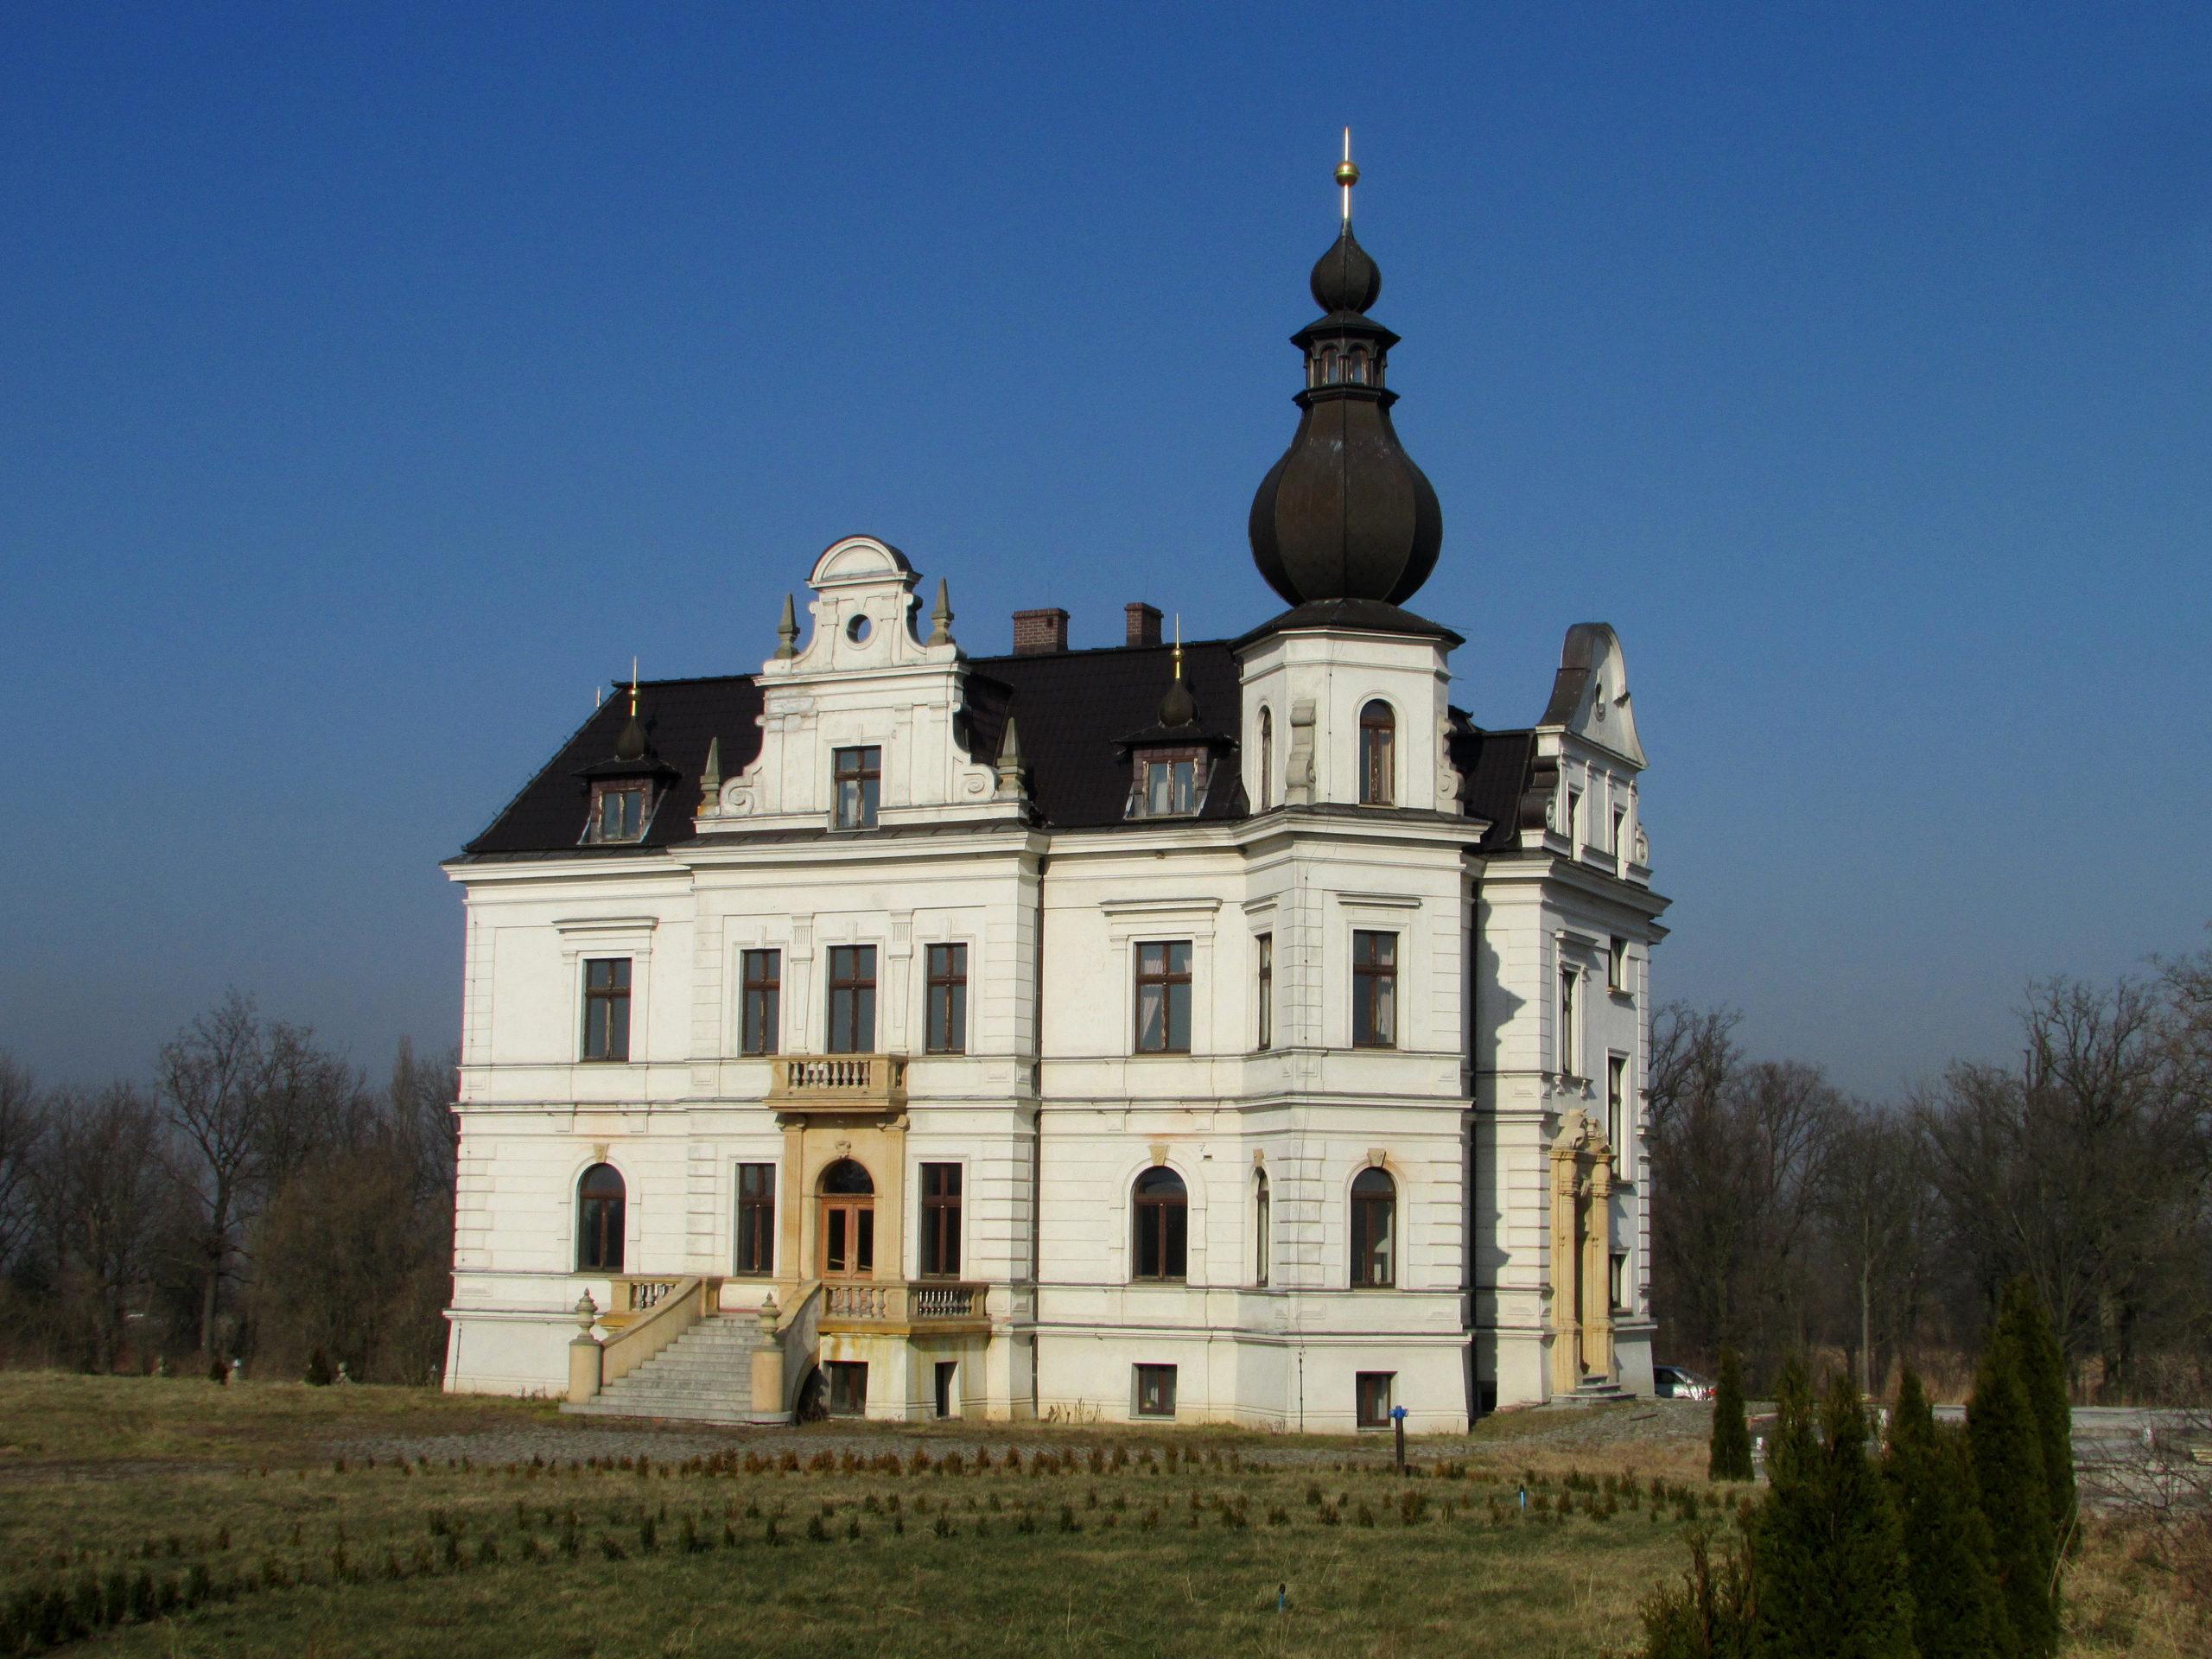 Trasa 5 Bielany Wrocławskie – Tyniec Mały – Biskupice Podgórne – Gądów – Jaszkotle – Smolec